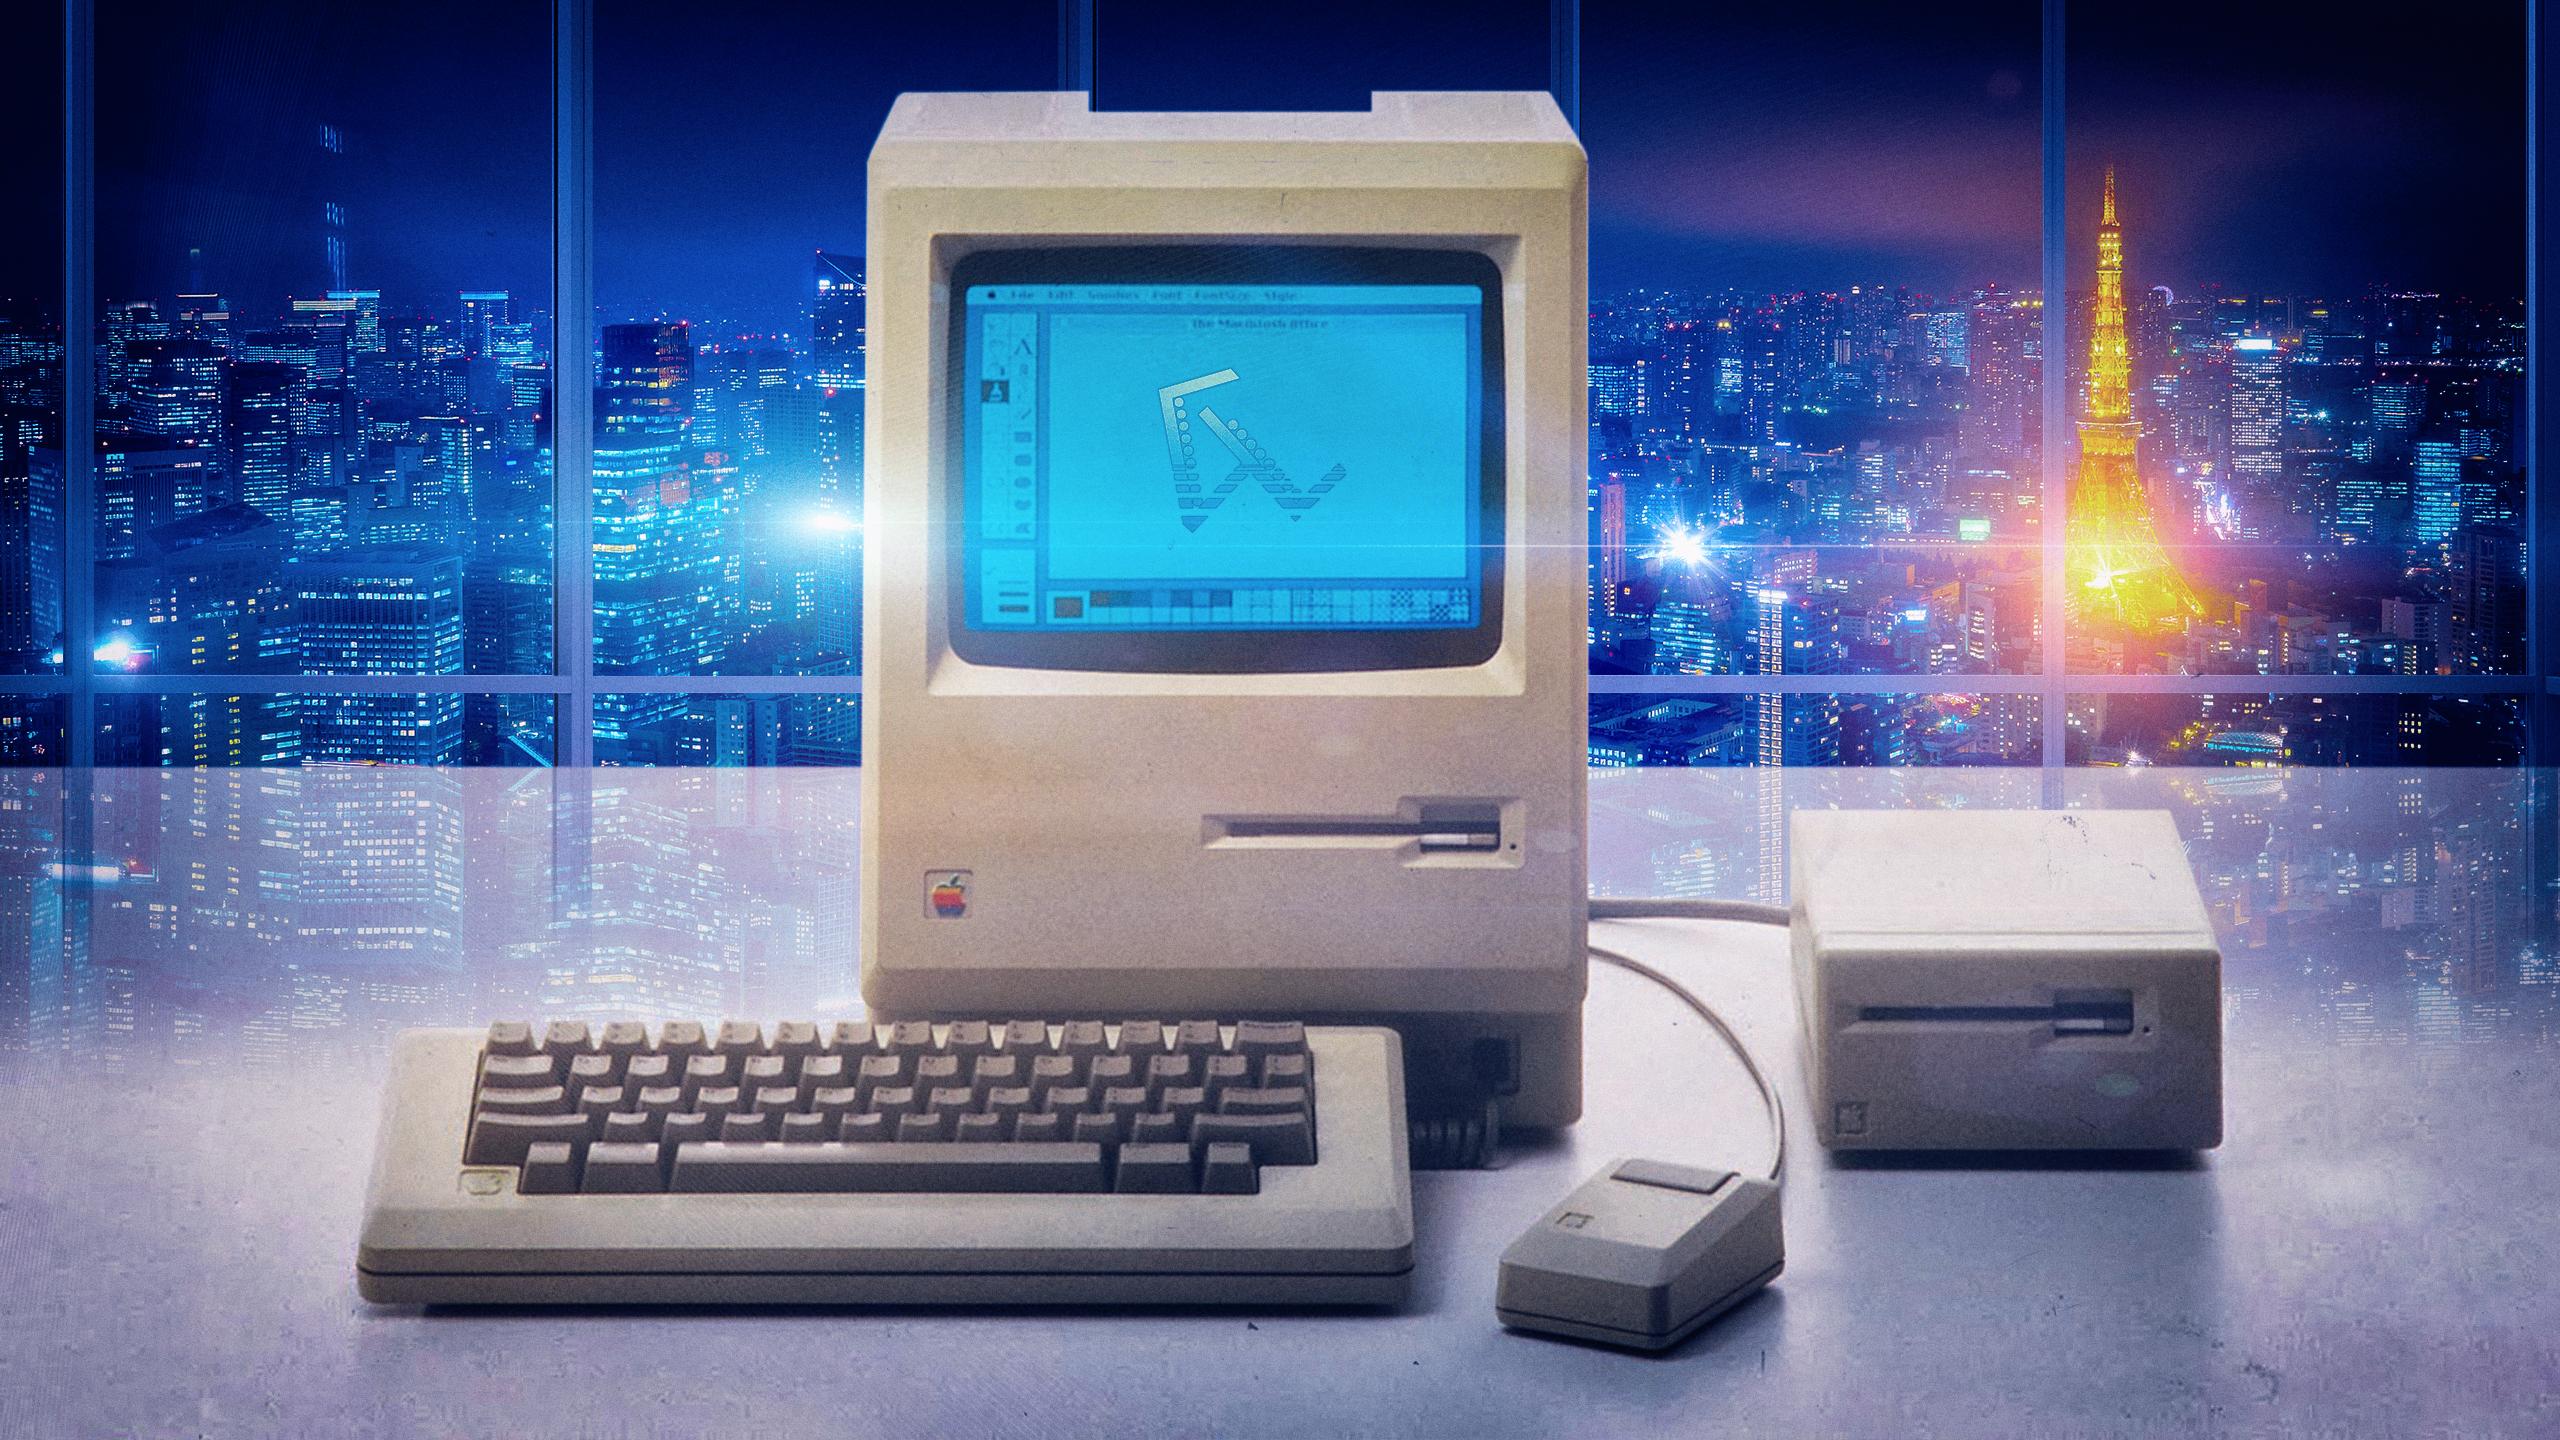 General 2560x1440 vaporwave Macintosh Tokyo Tower Tokyo lens flare lights Apple Inc. nostalgia